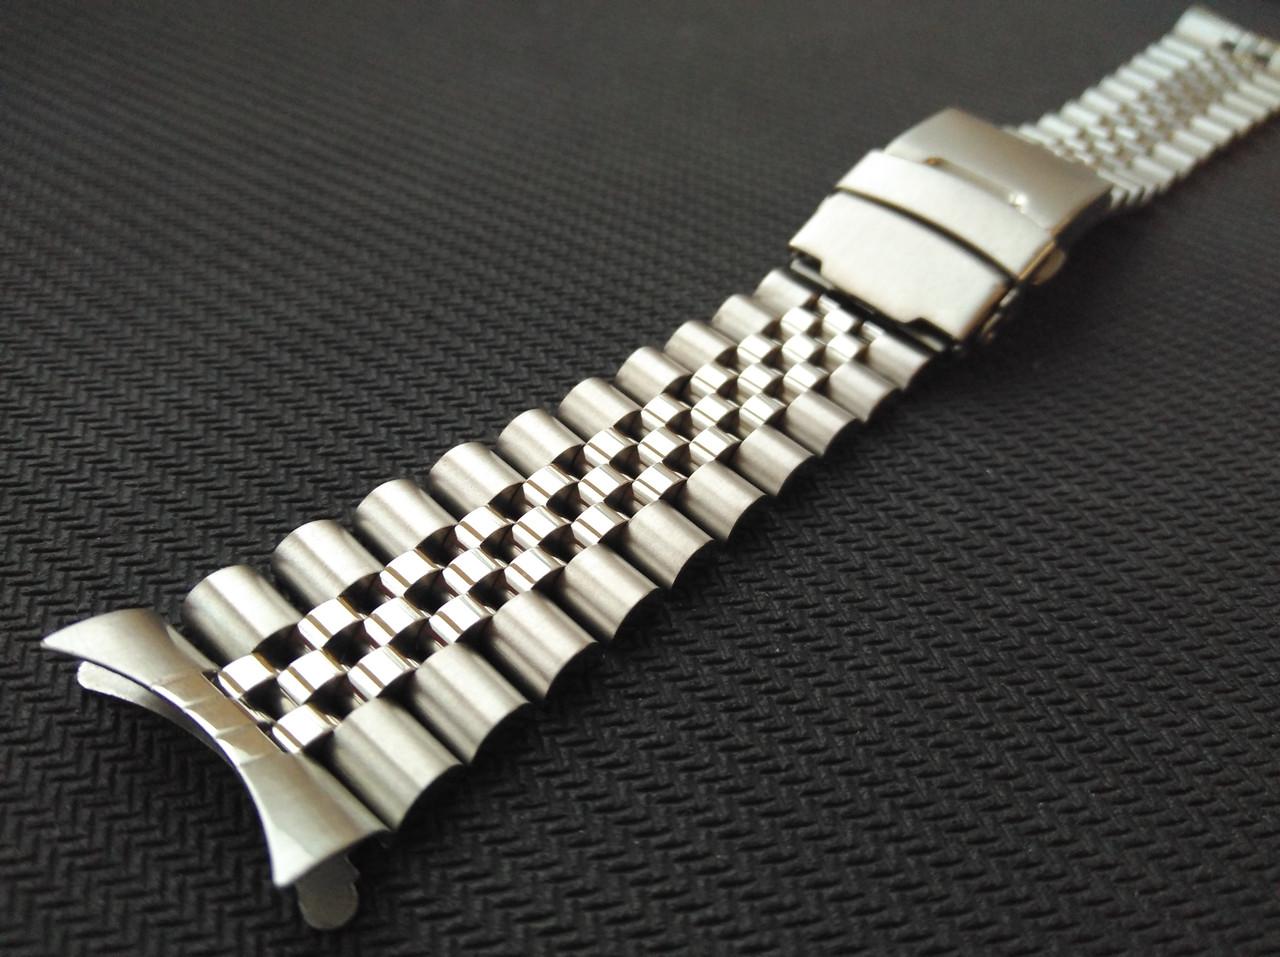 Браслет Jubilee для часов из нержавеющая стали, литой, глянец/мат. Заокругленное окончание. 19 мм